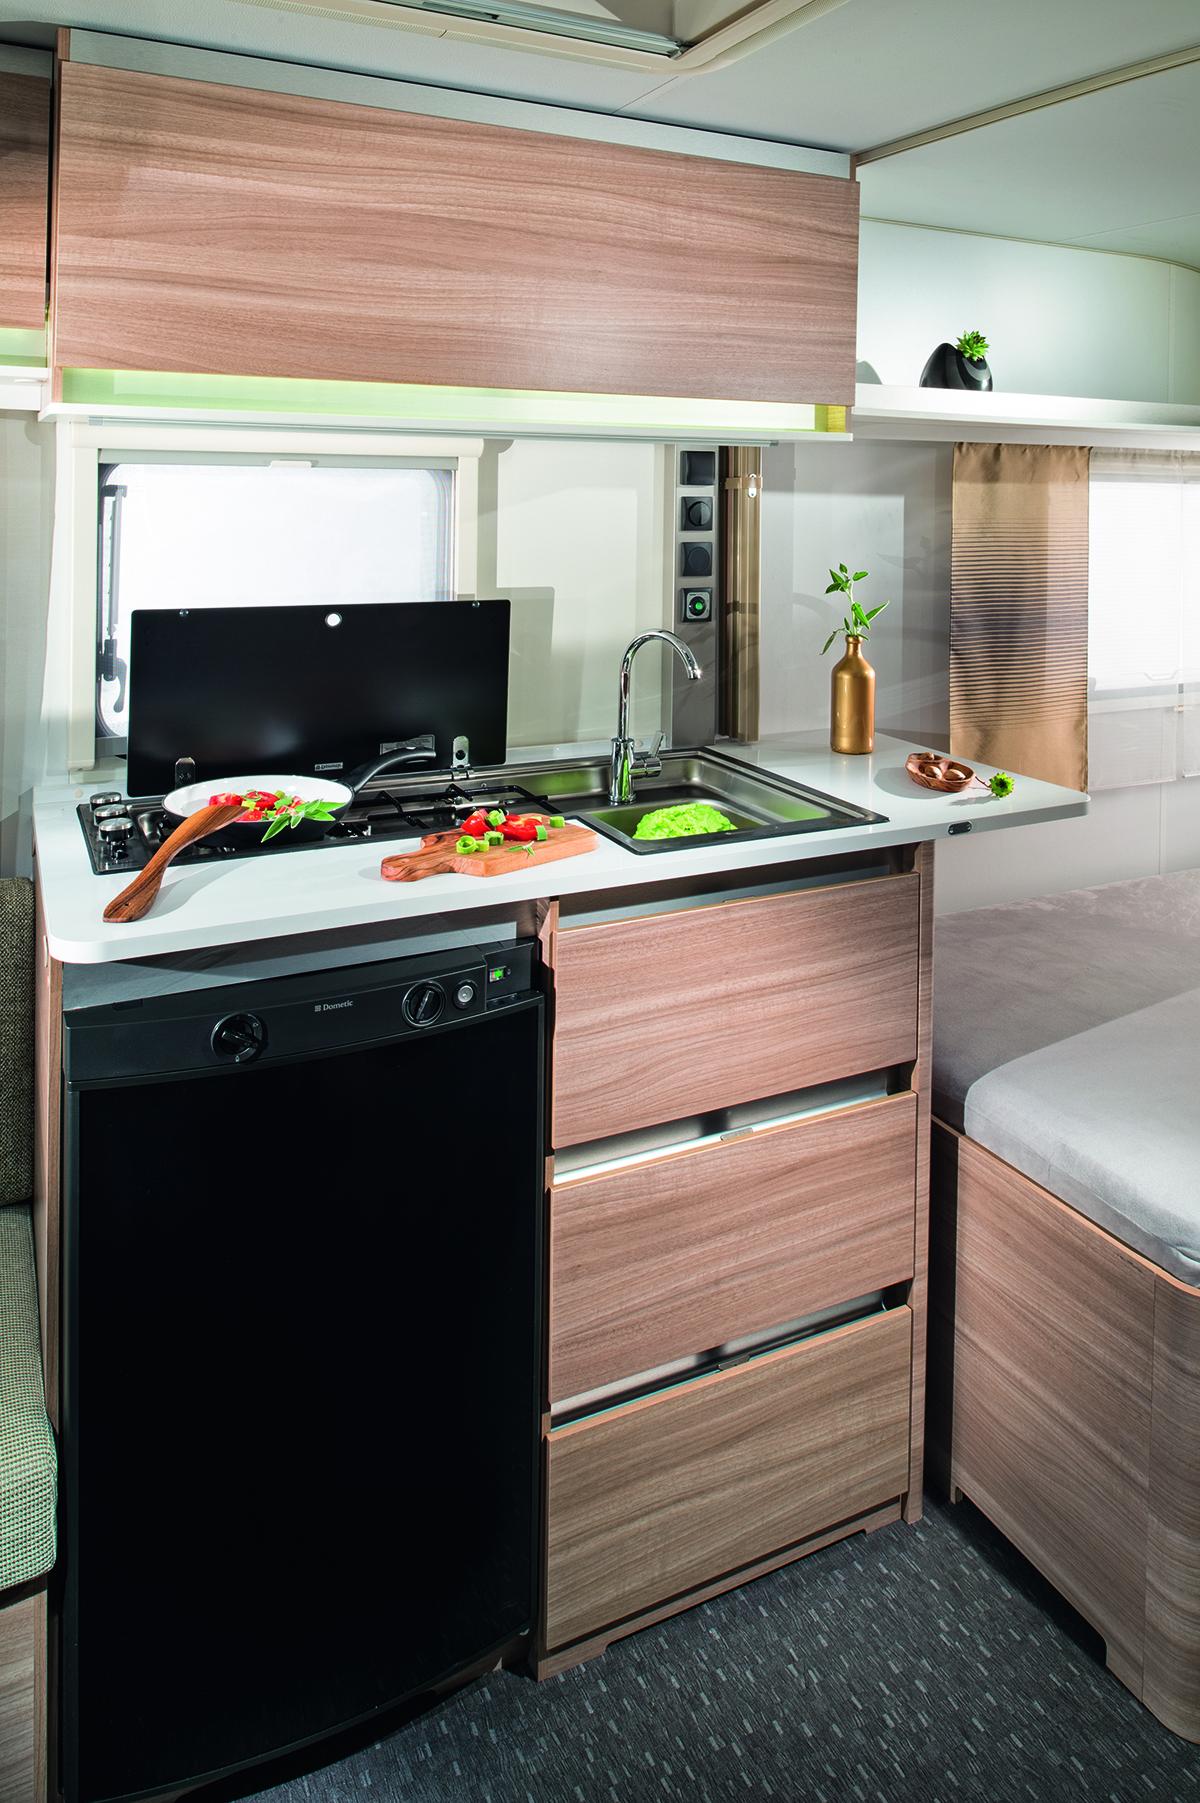 005_ALTEA_462_PU_kitchen_4BC8671.jpg